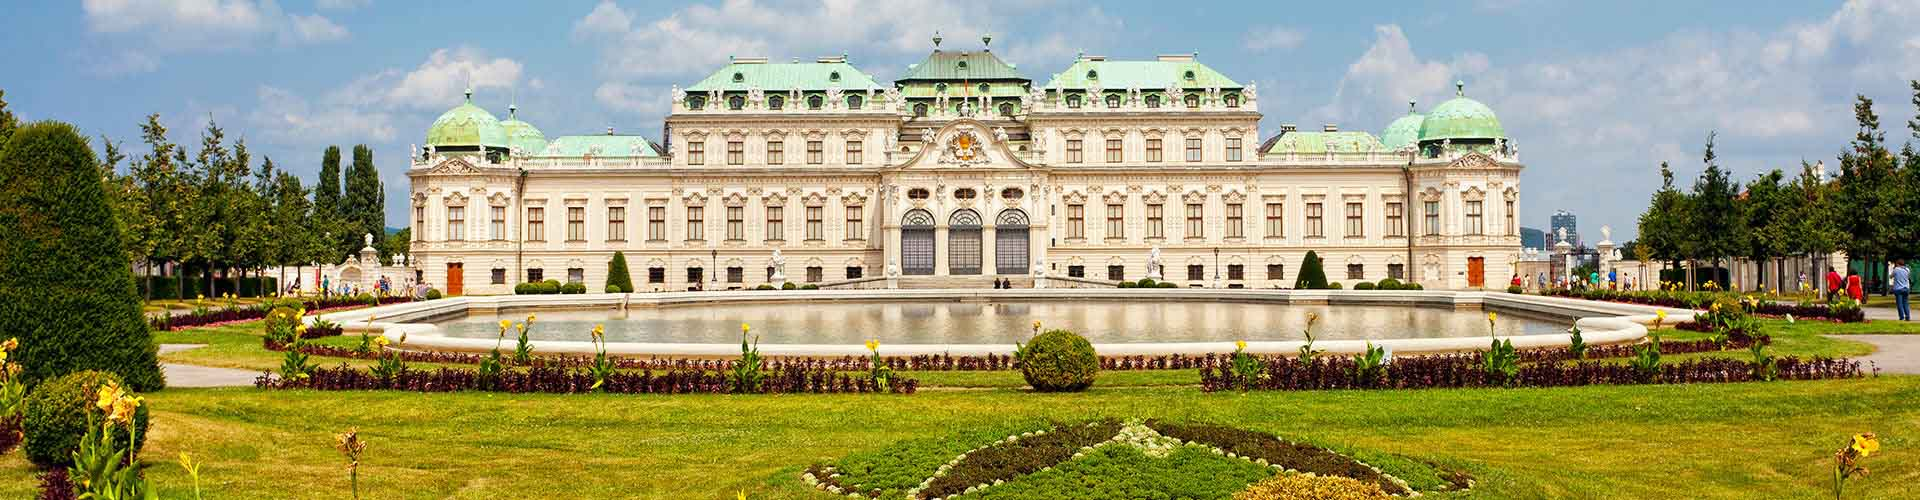 비엔나 - Favoriten지역에 위치한 아파트. 비엔나의 지도, 비엔나에 위치한 아파트에 대한 사진 및 리뷰.